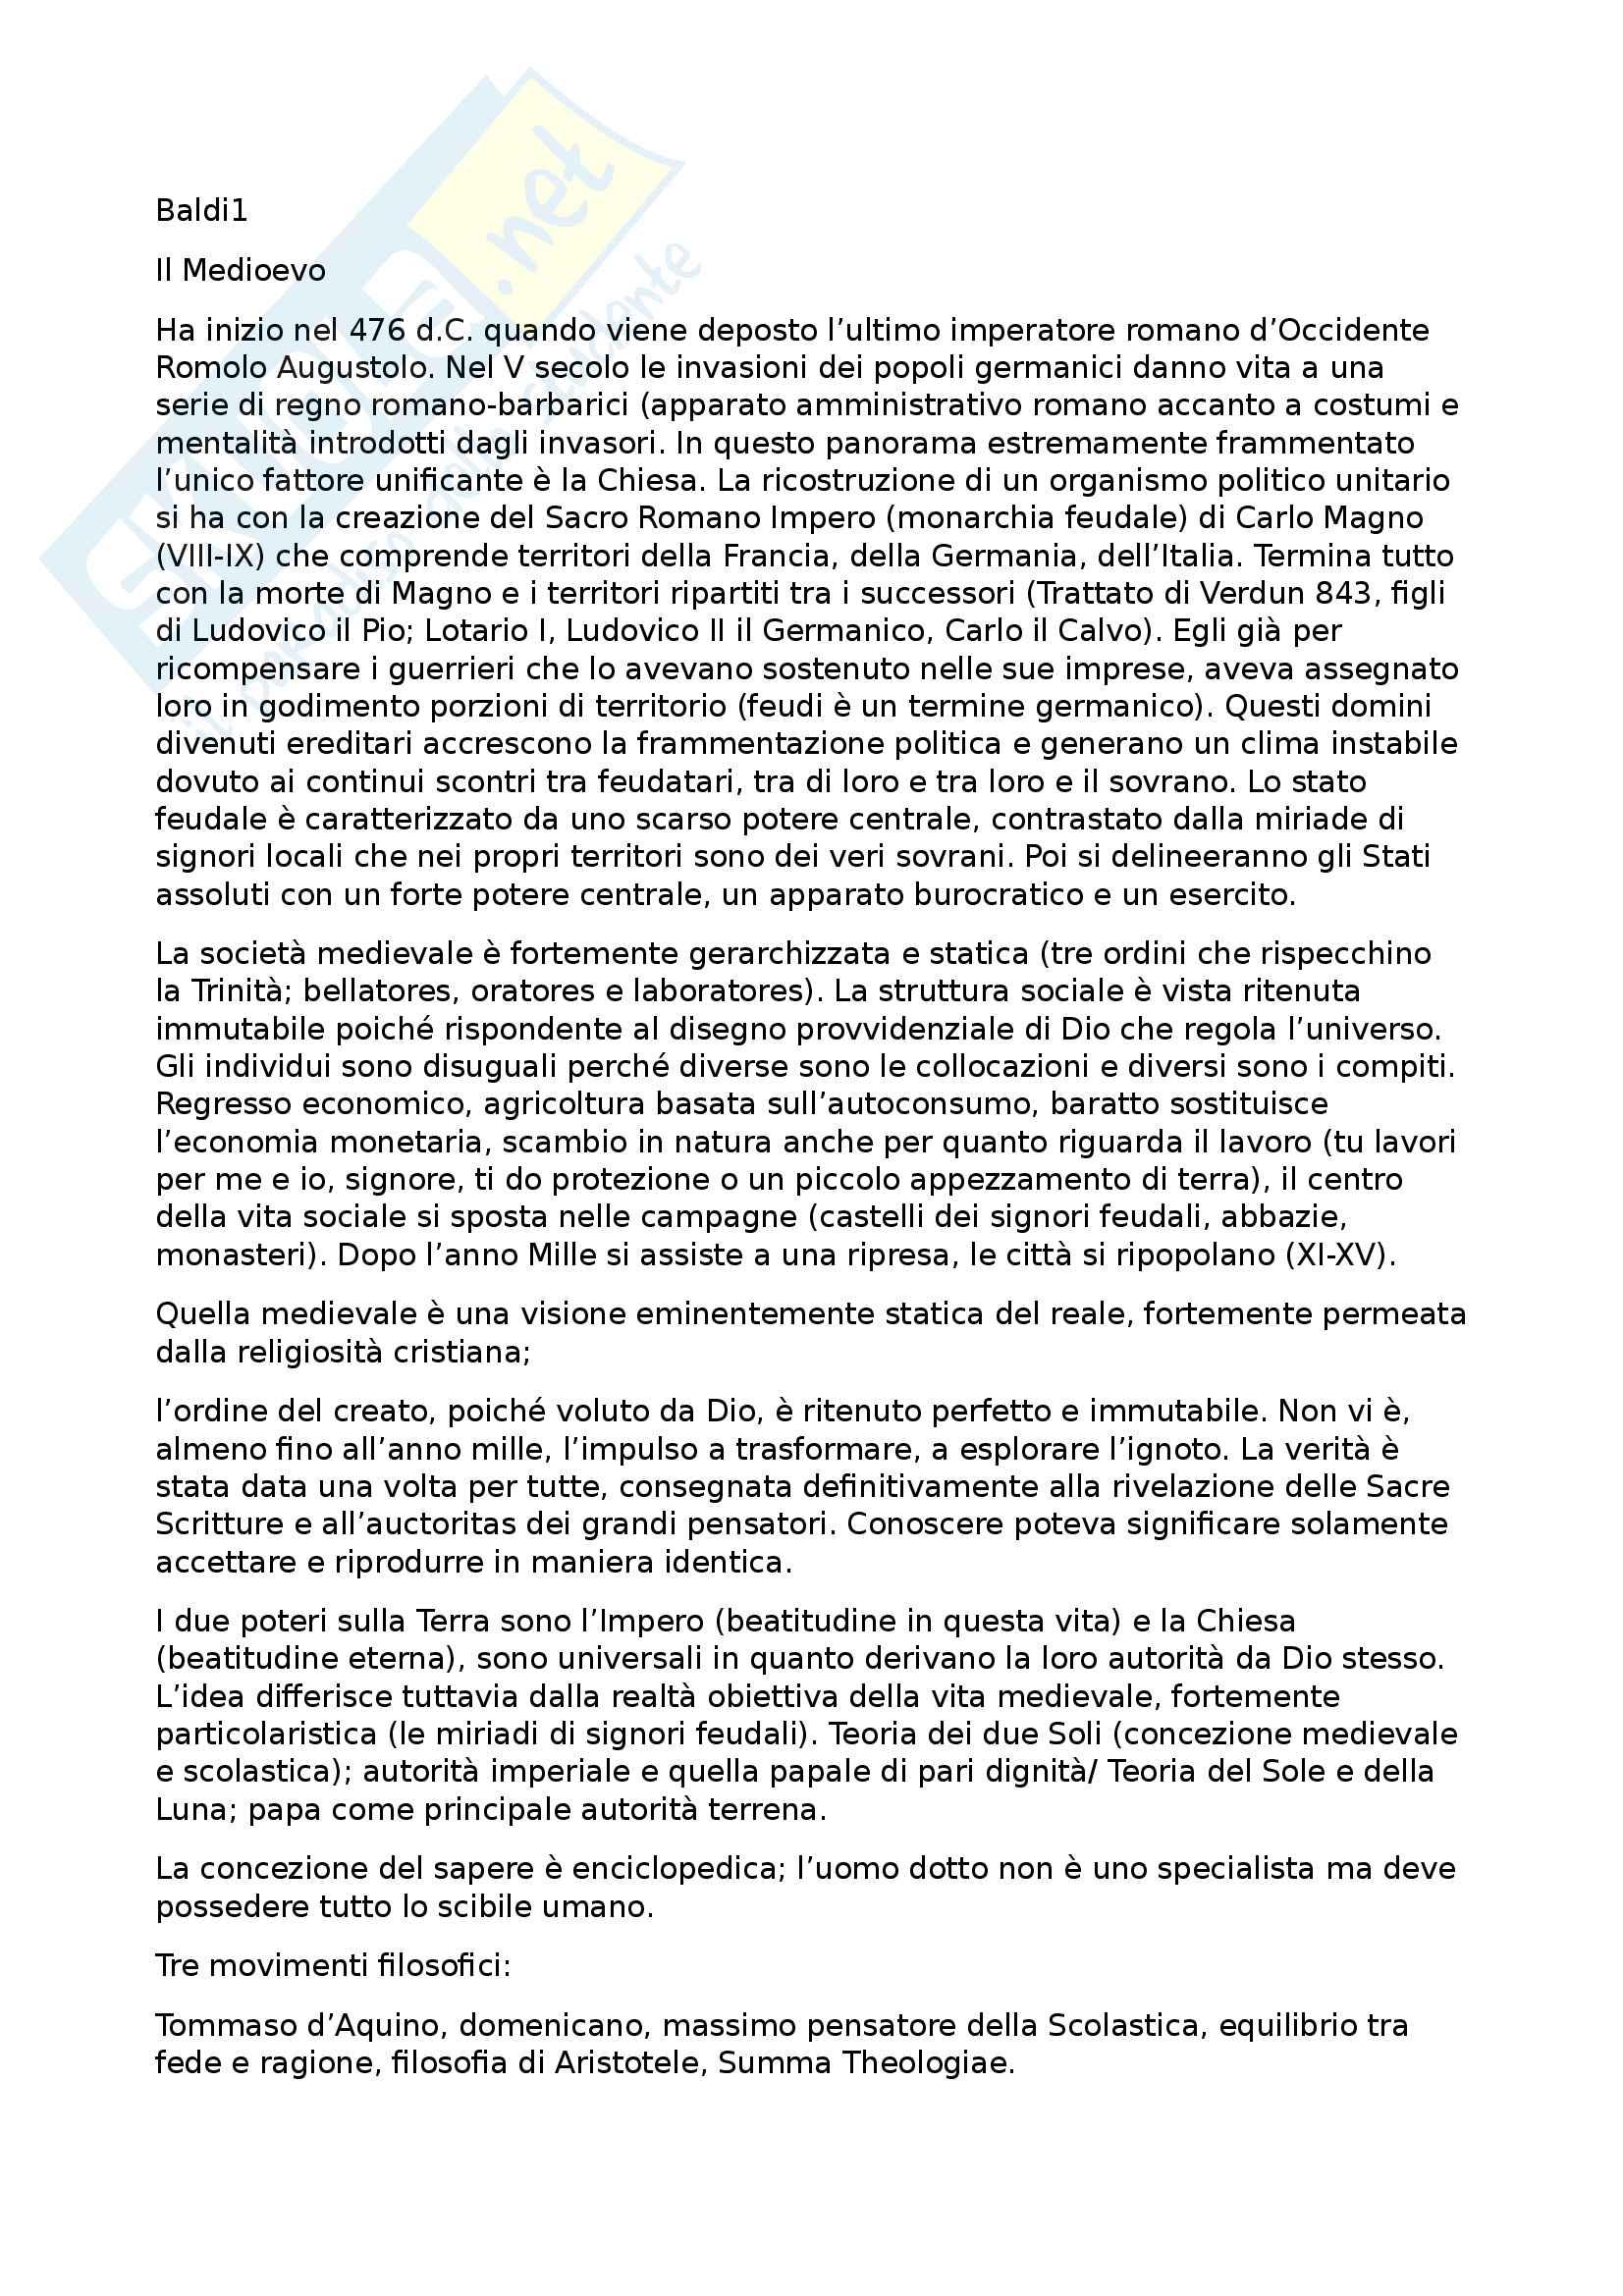 Riassunto esame letteratura italiana, prof. Battistini, libro consigliato Il piacere dei testi, Baldi (1, 2, 3, 4, 5)